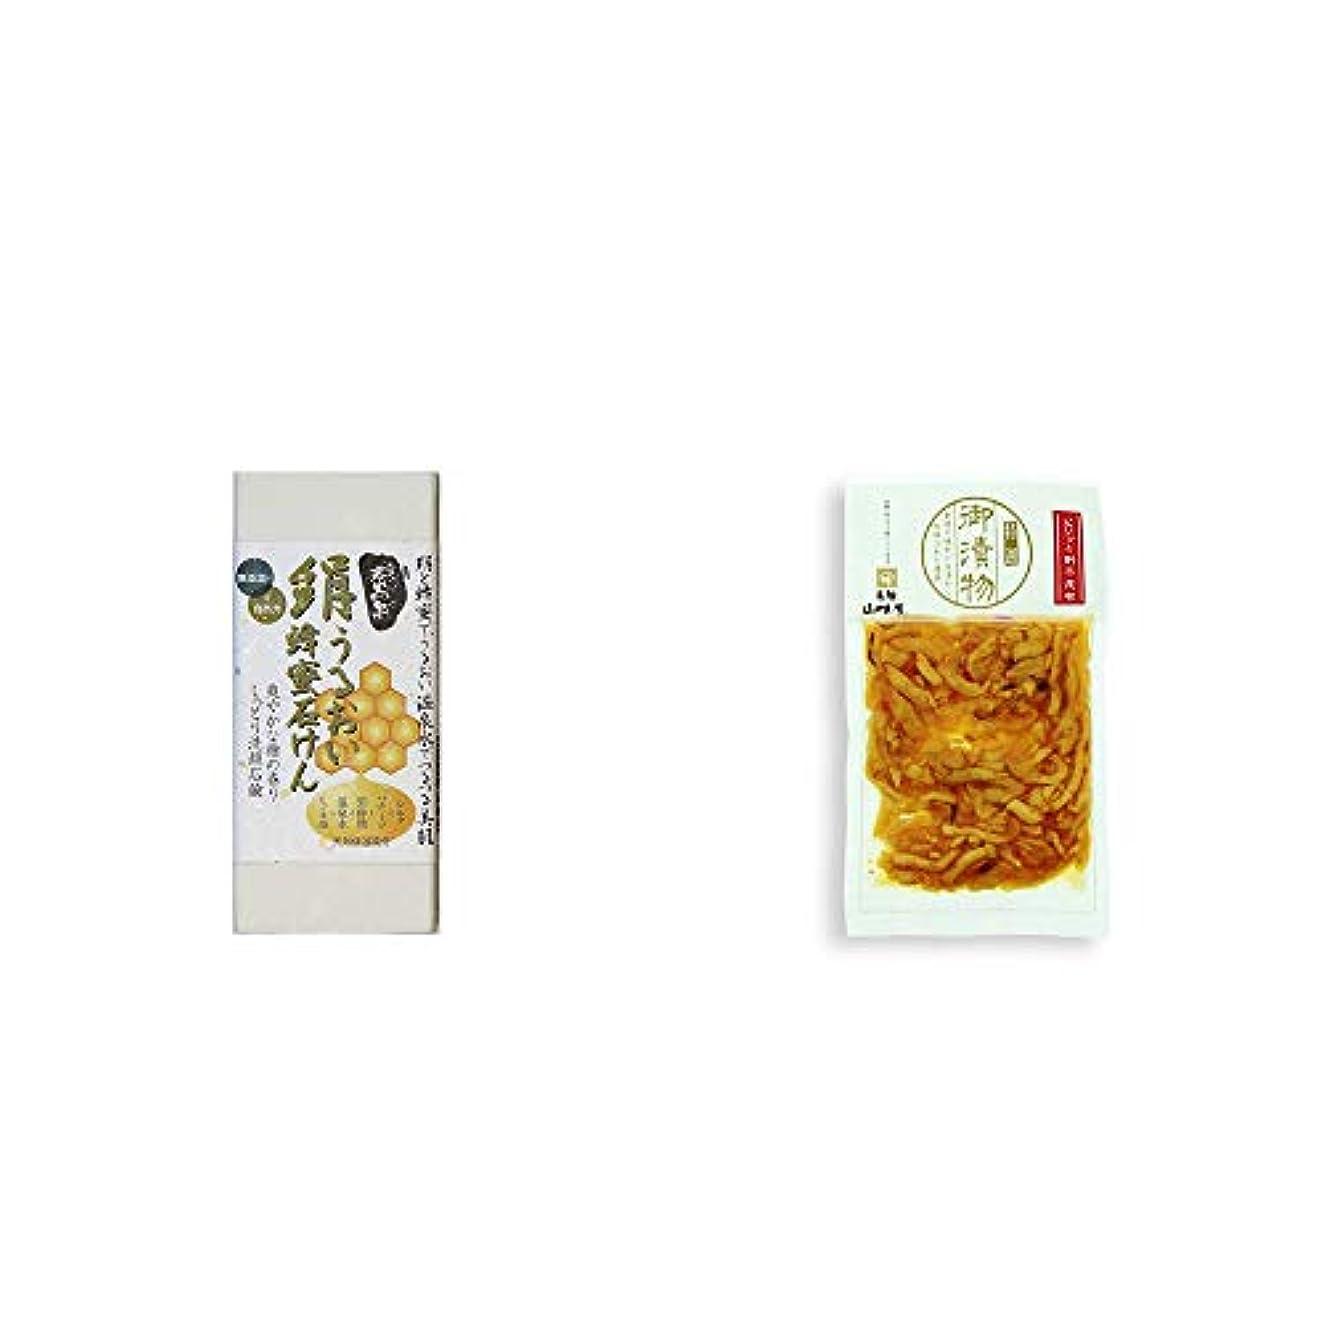 薄いです平均前投薬[2点セット] ひのき炭黒泉 絹うるおい蜂蜜石けん(75g×2)?飛騨山味屋 ピリッと割干し昆布(230g)